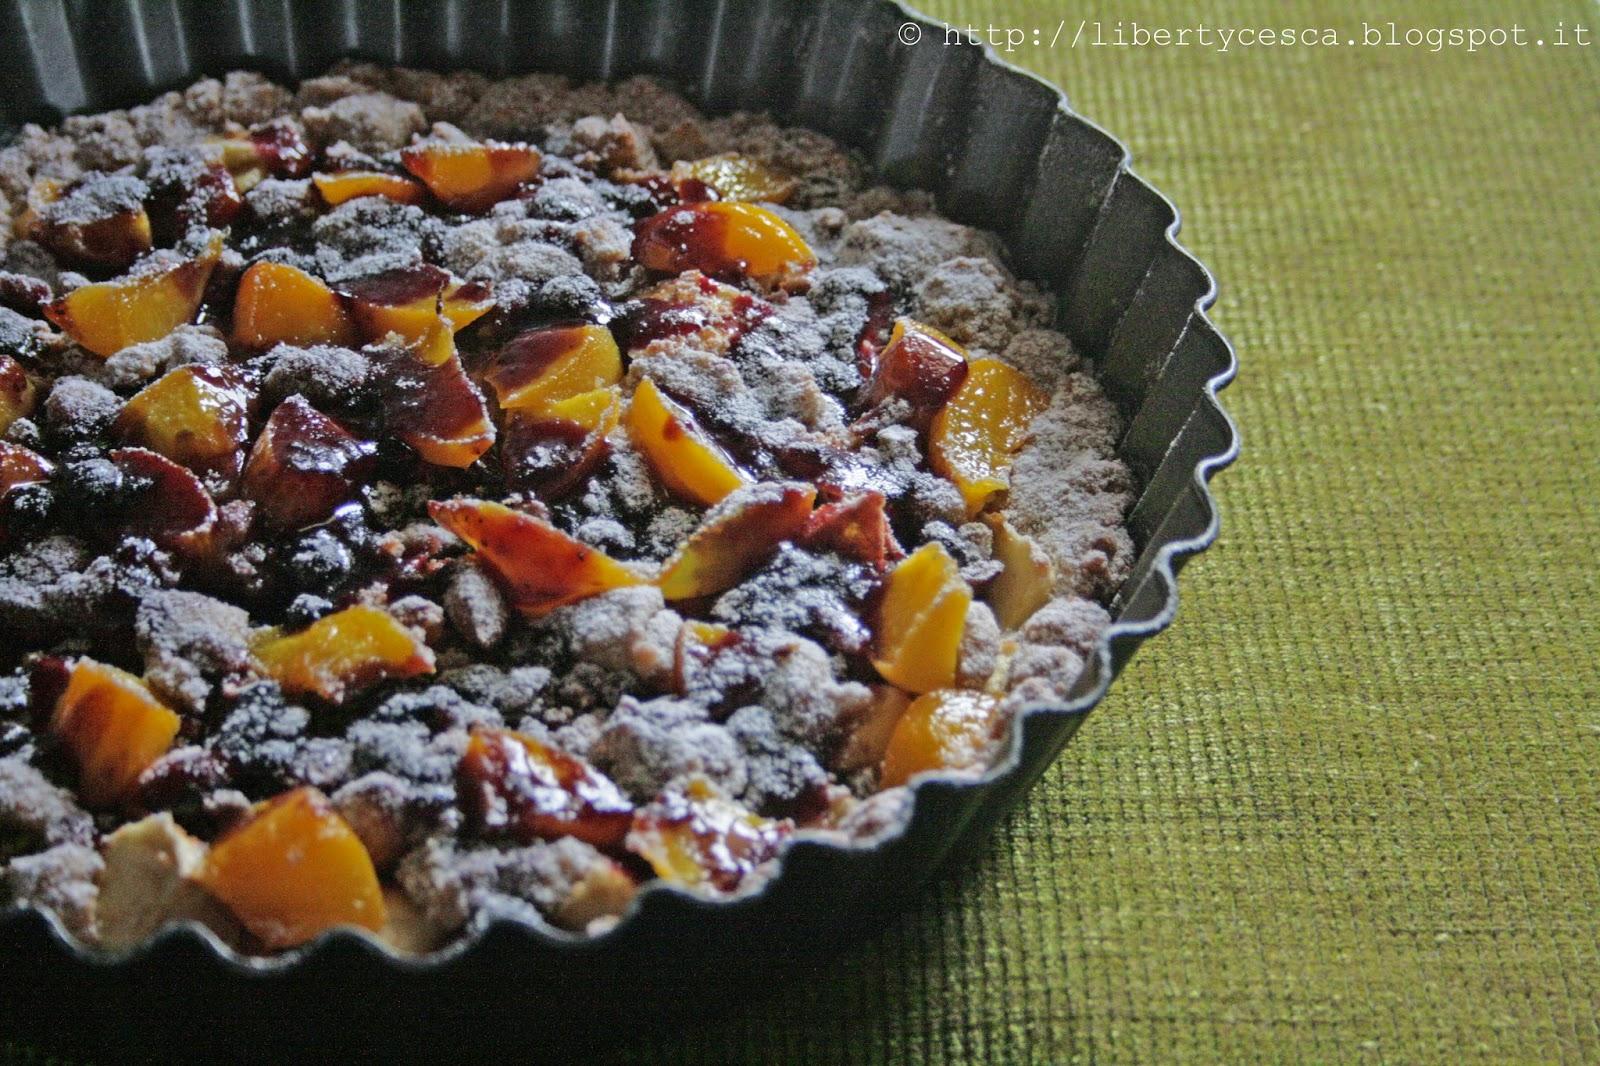 crostata con ripieno di frutta secca, mele e pesche sciroppate / tart with dried mixed fruit, apples and peaches in syrup